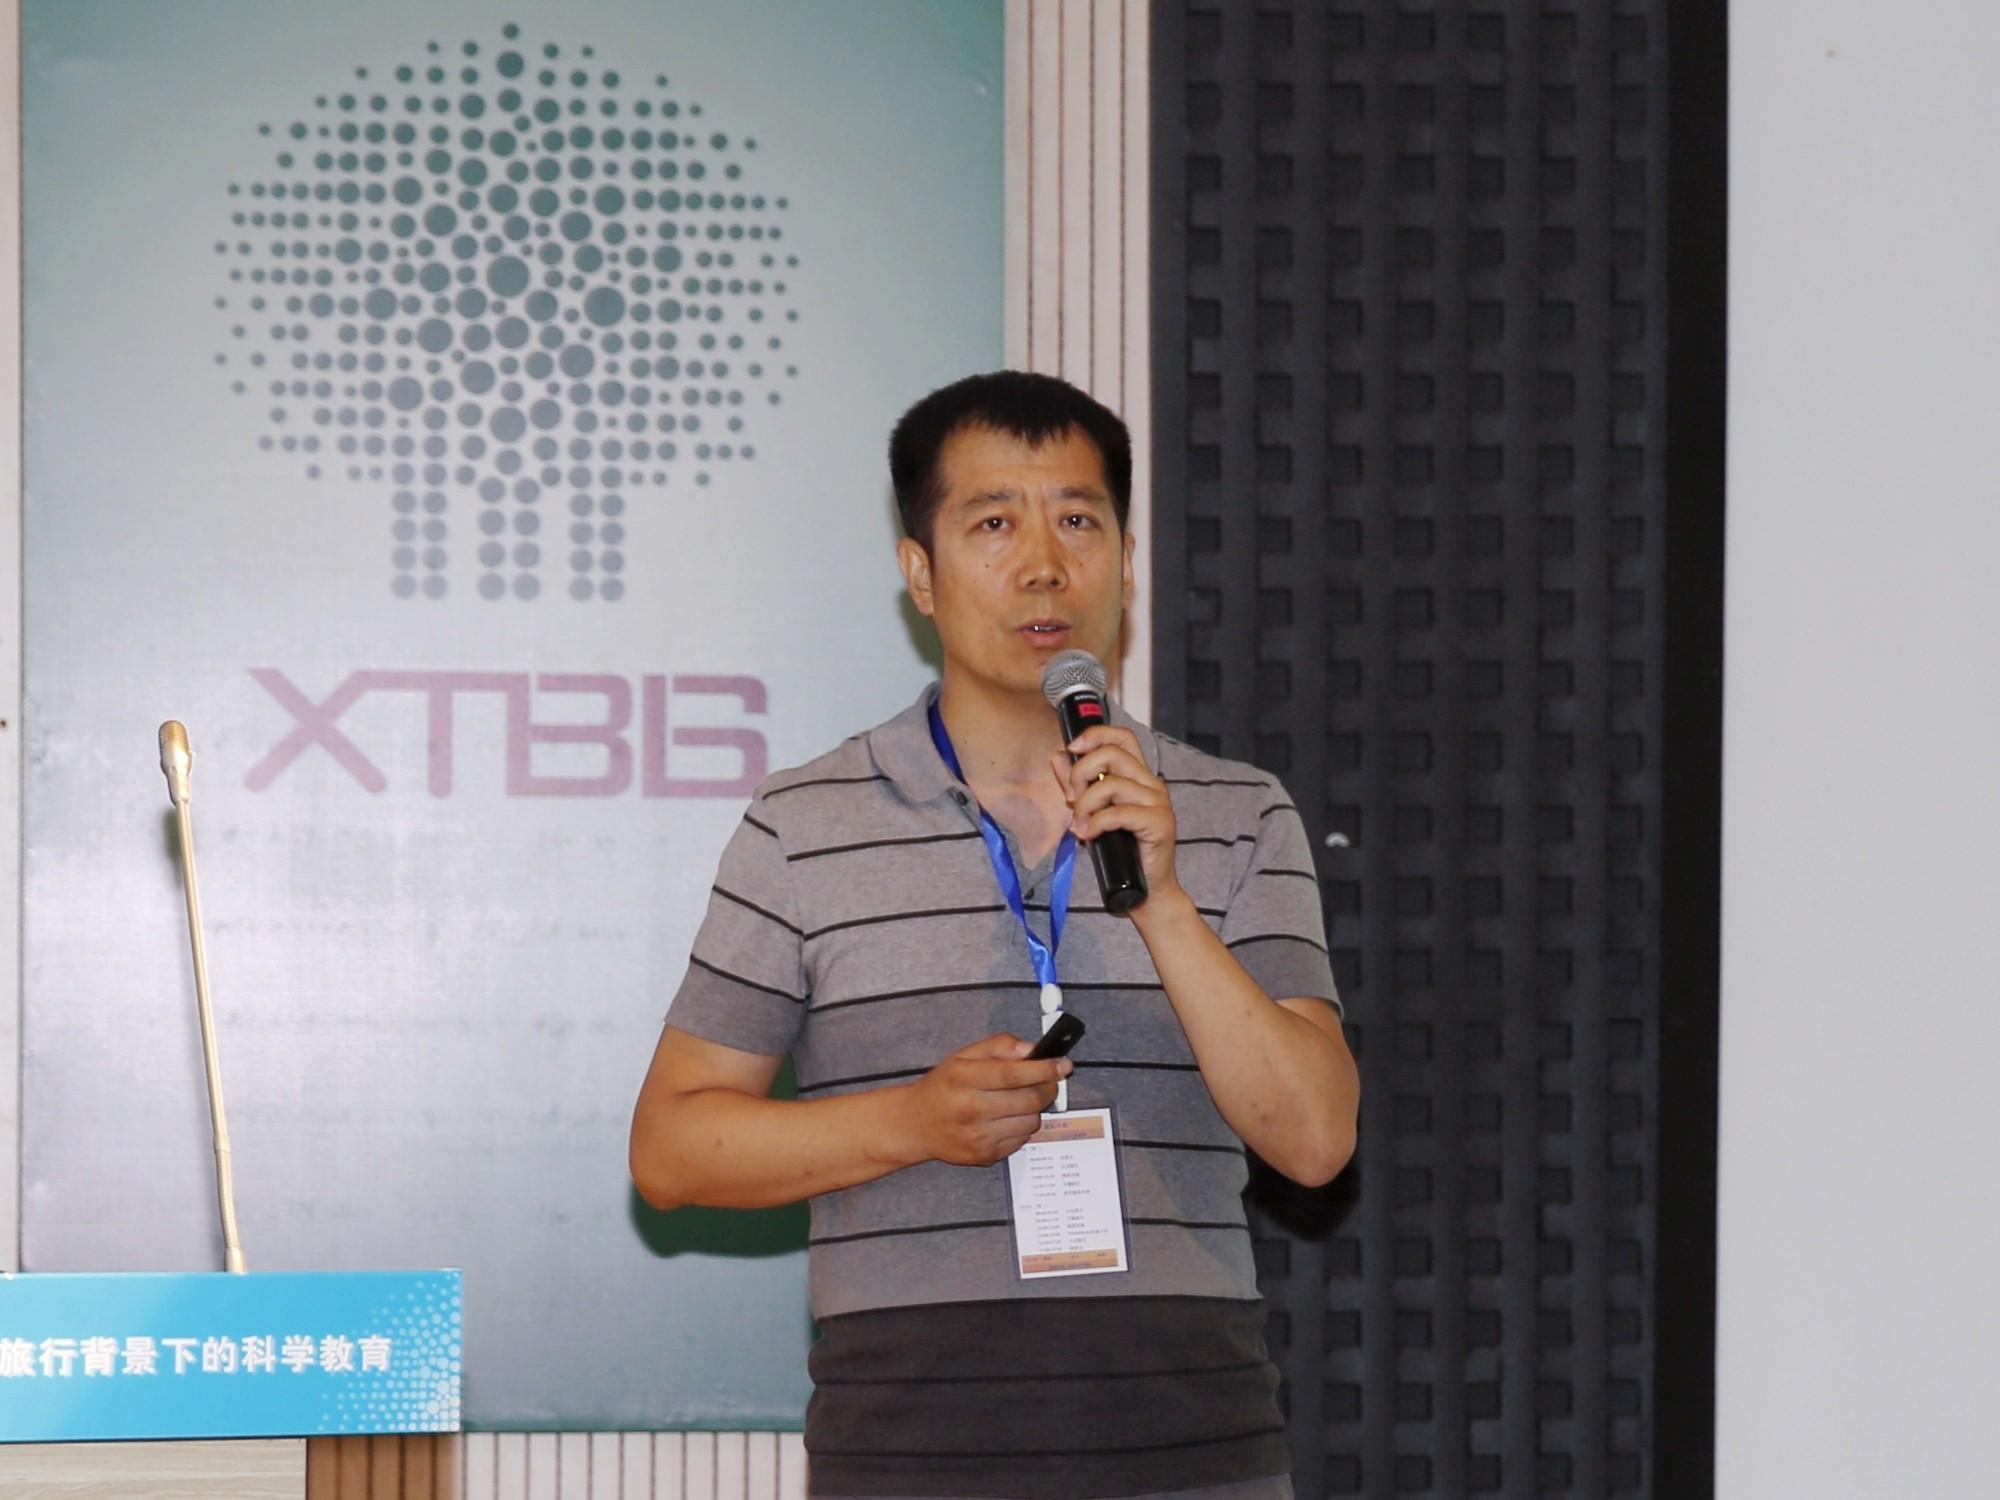 【专题报告】科普游子自然教育创始人 马庆宇:让更多自然科学考察走进研学旅行